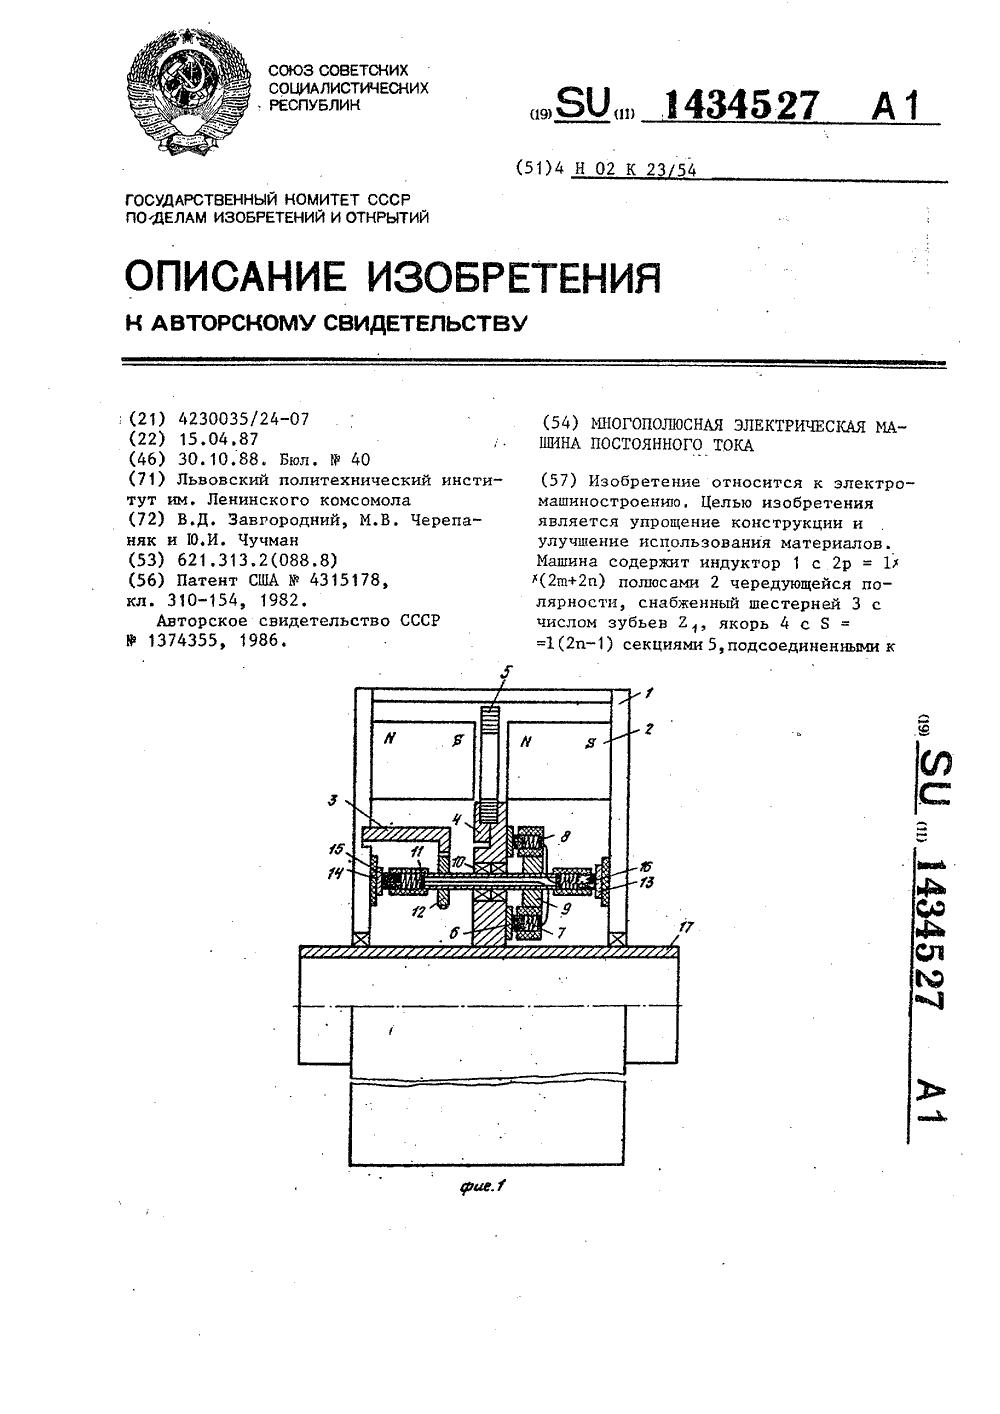 схема соединения катушек многополюсного генератора